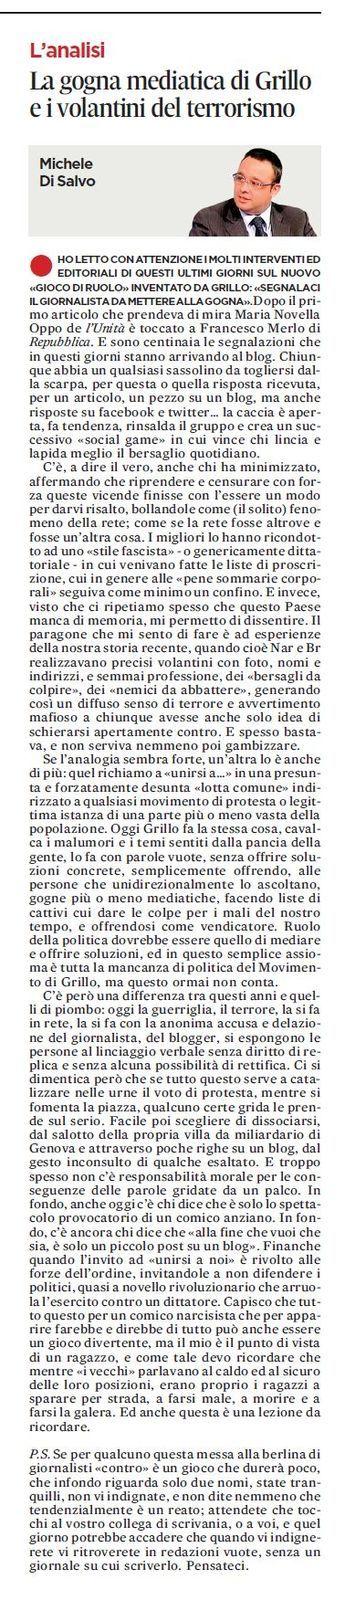 L'Unità - 11/12/2013